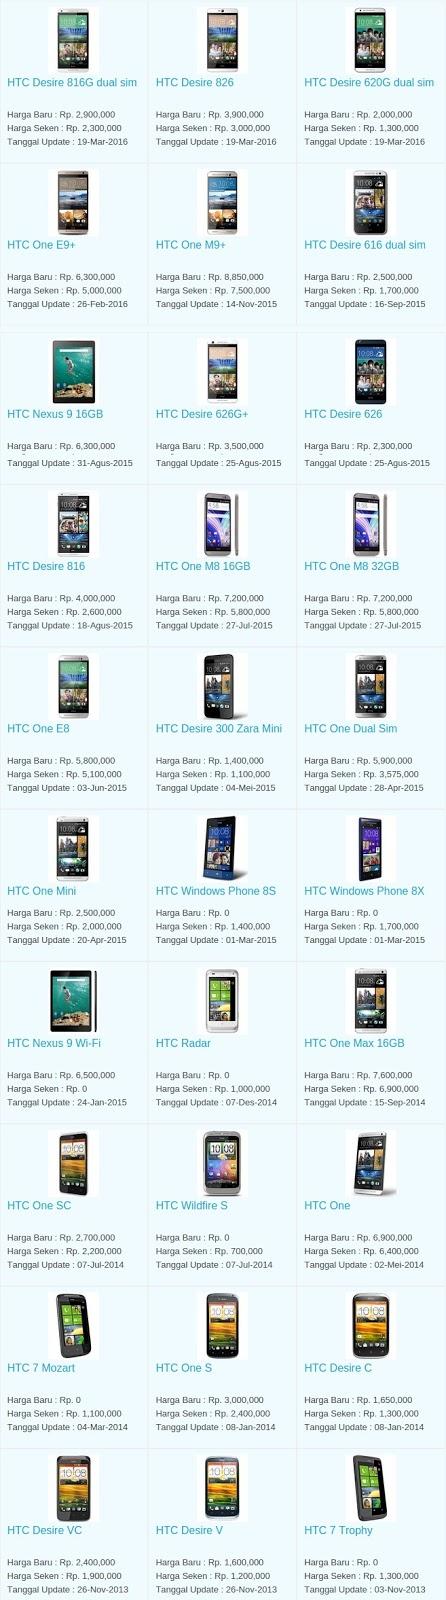 Daftar Harga Terbaru Hp HTC April 2016